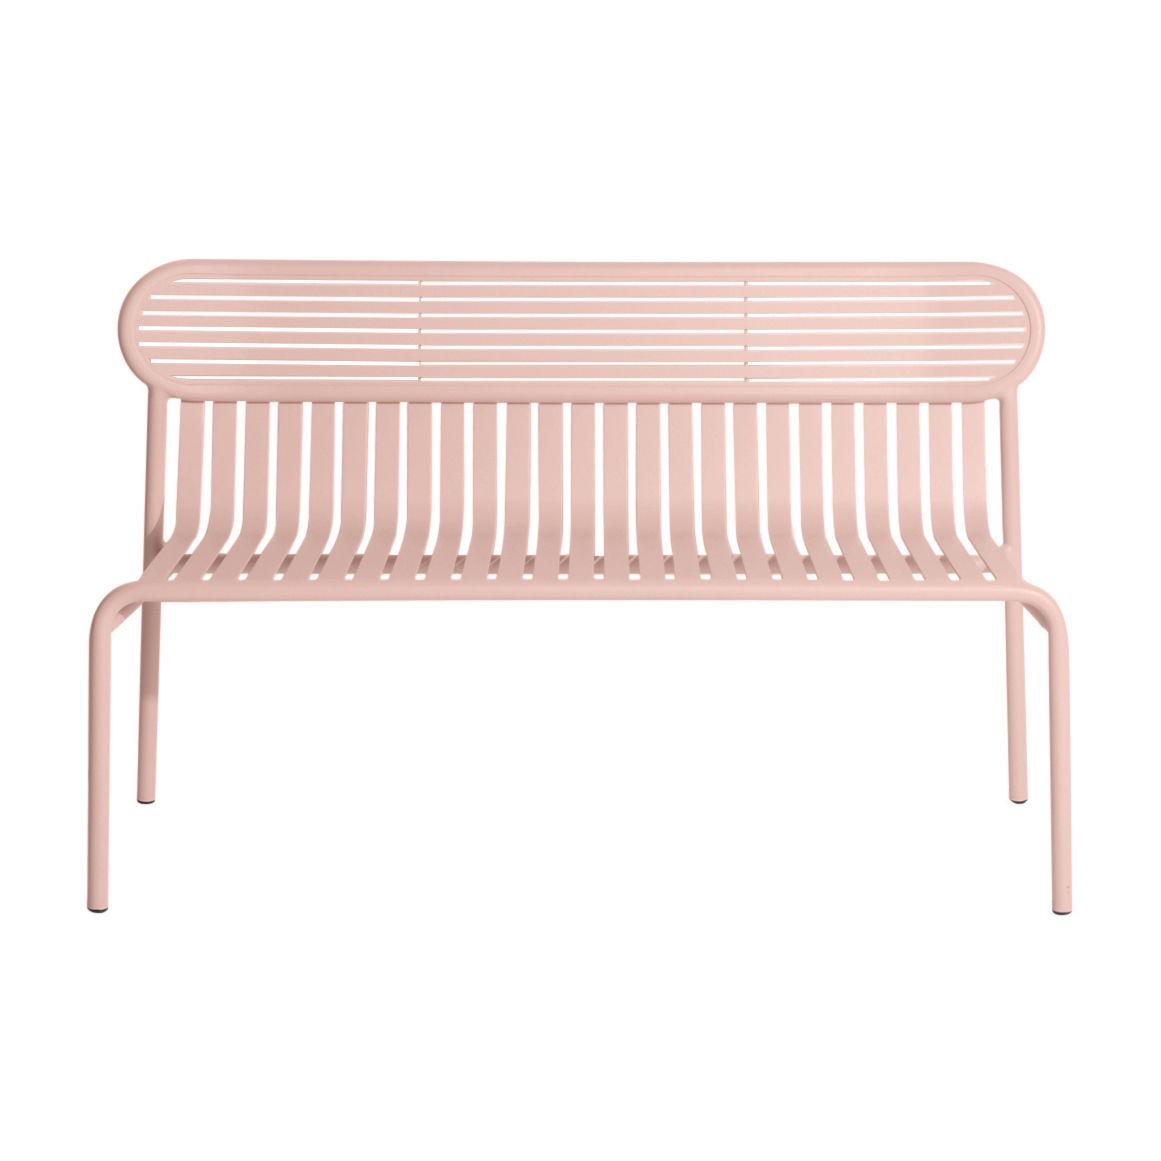 Möbel - Bänke - Week-End Bank mit Rückenlehne / Aluminium - L 121 cm - Petite Friture - Rose Blush - Aluminium, thermolackiert und expoxidbeschichtet